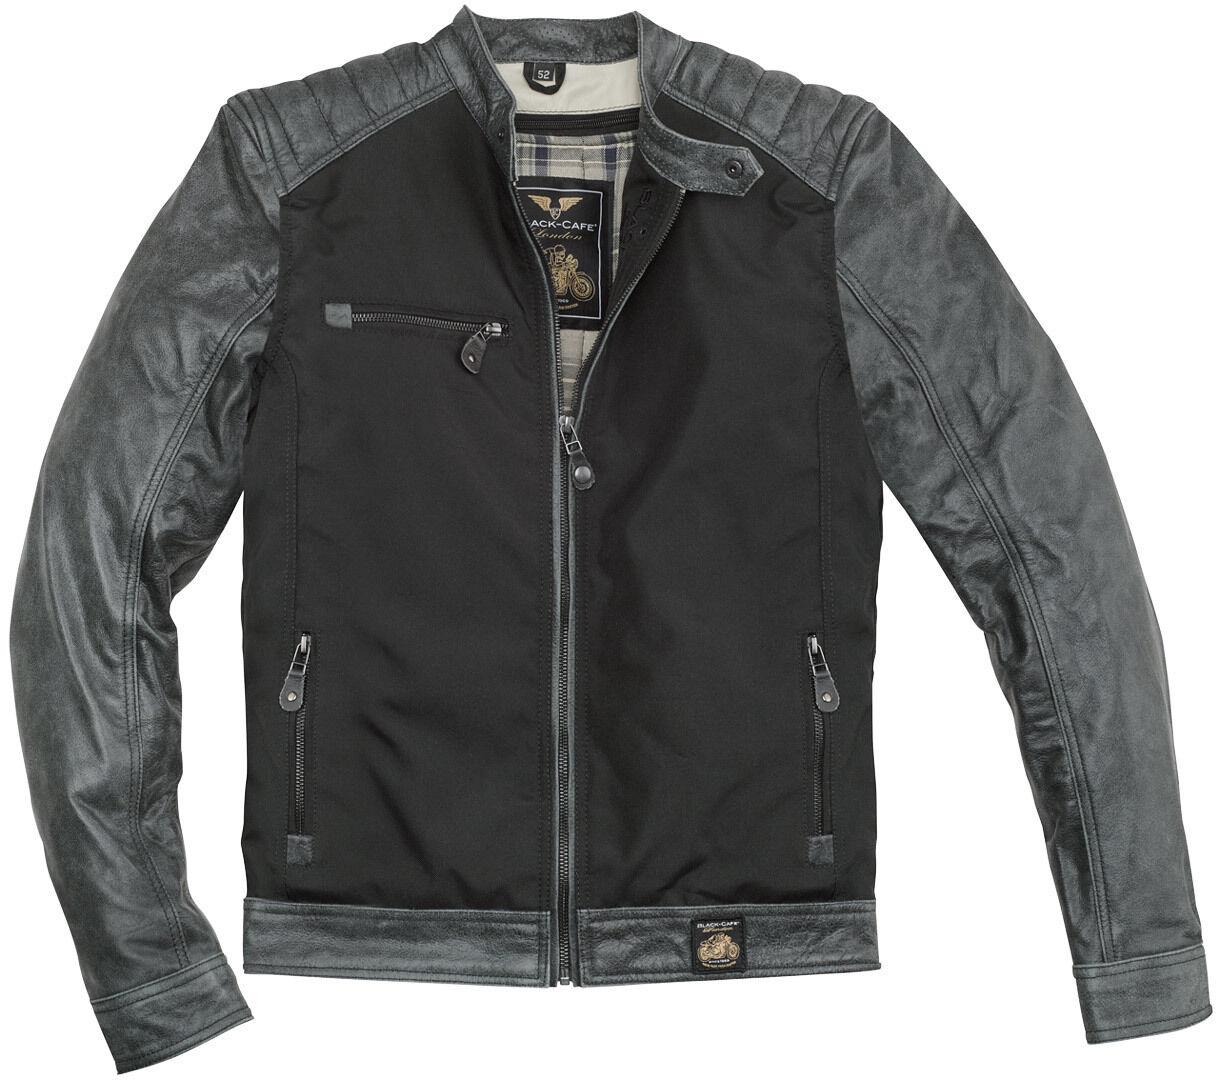 Black-Cafe London Johannesburg Cuir de moto / Veste textile Noir Gris taille : 58